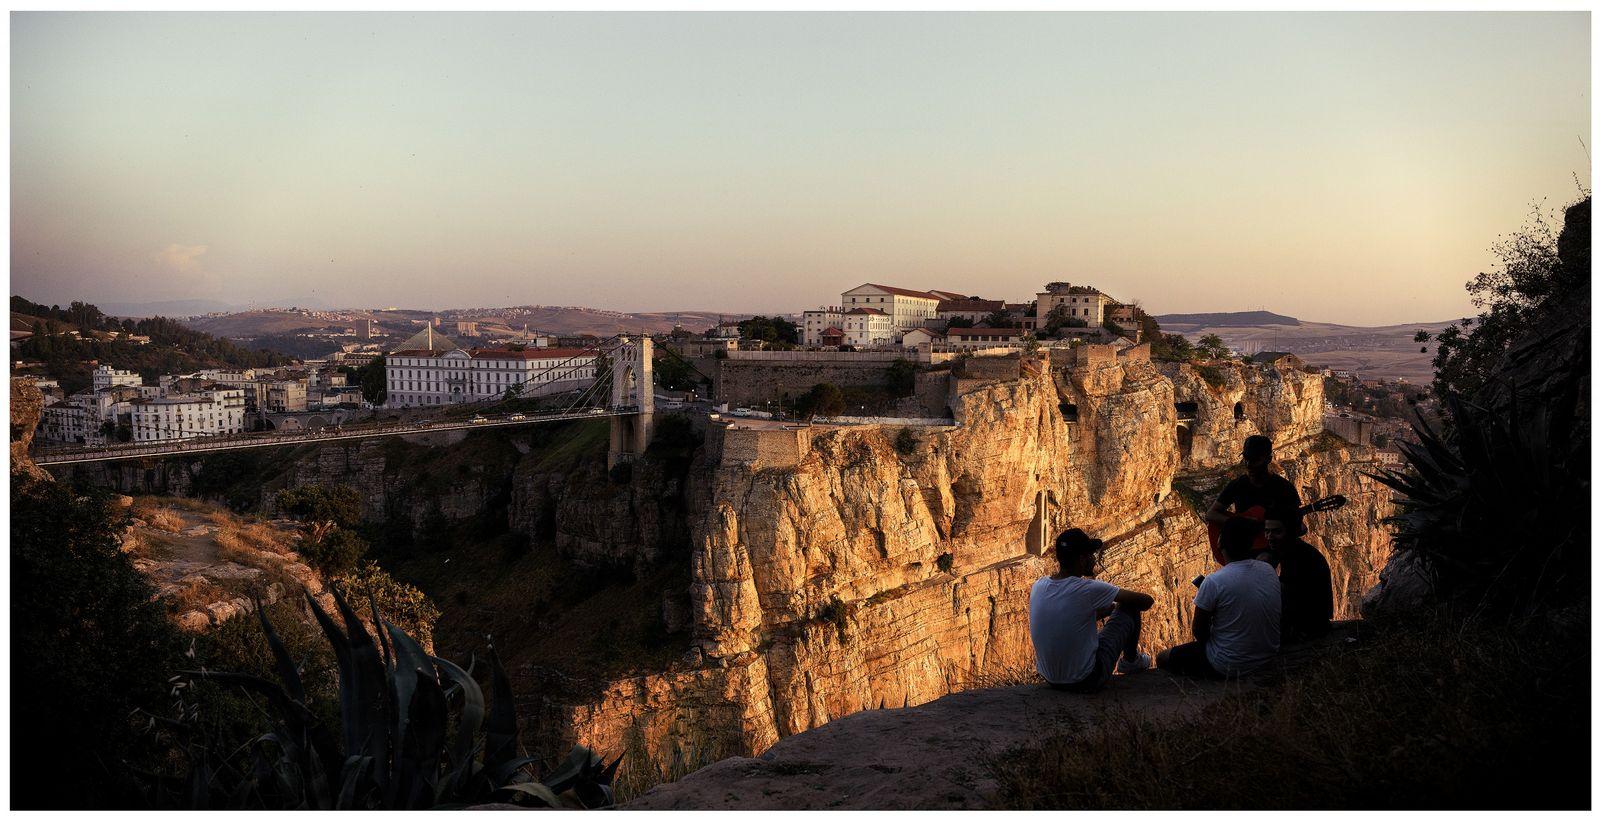 Constantine, Algérie, 2018 - Adimi, Mohammed et Aymen viennent régulièrement se retrouver ici pour admirer Constantine, ...